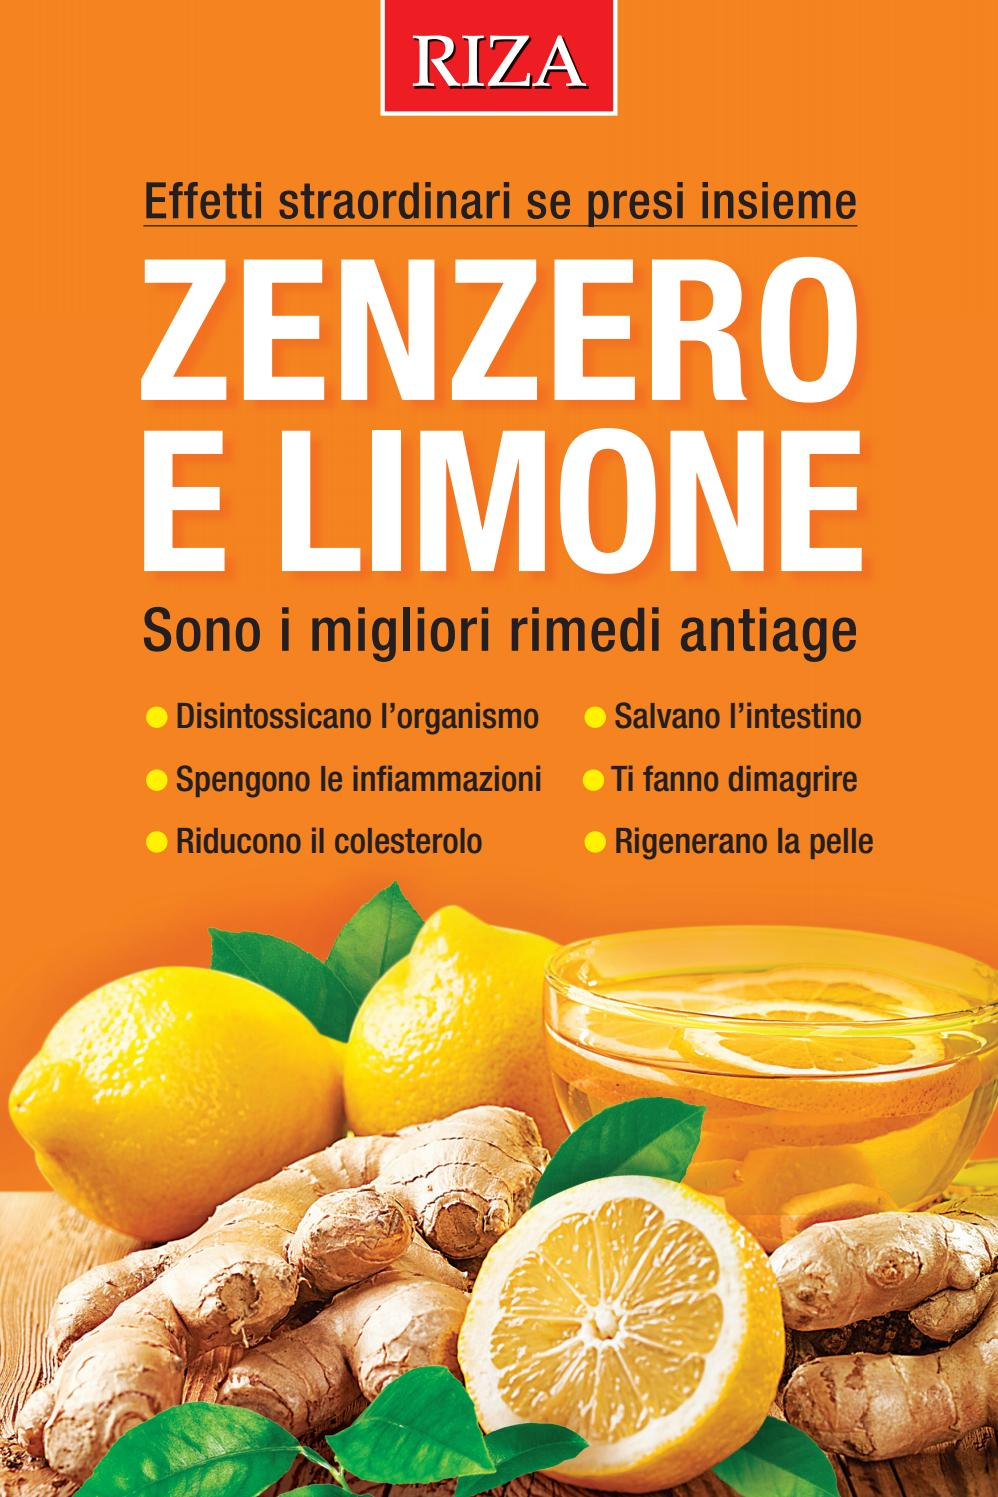 il limone è usato per bruciare i grassimo